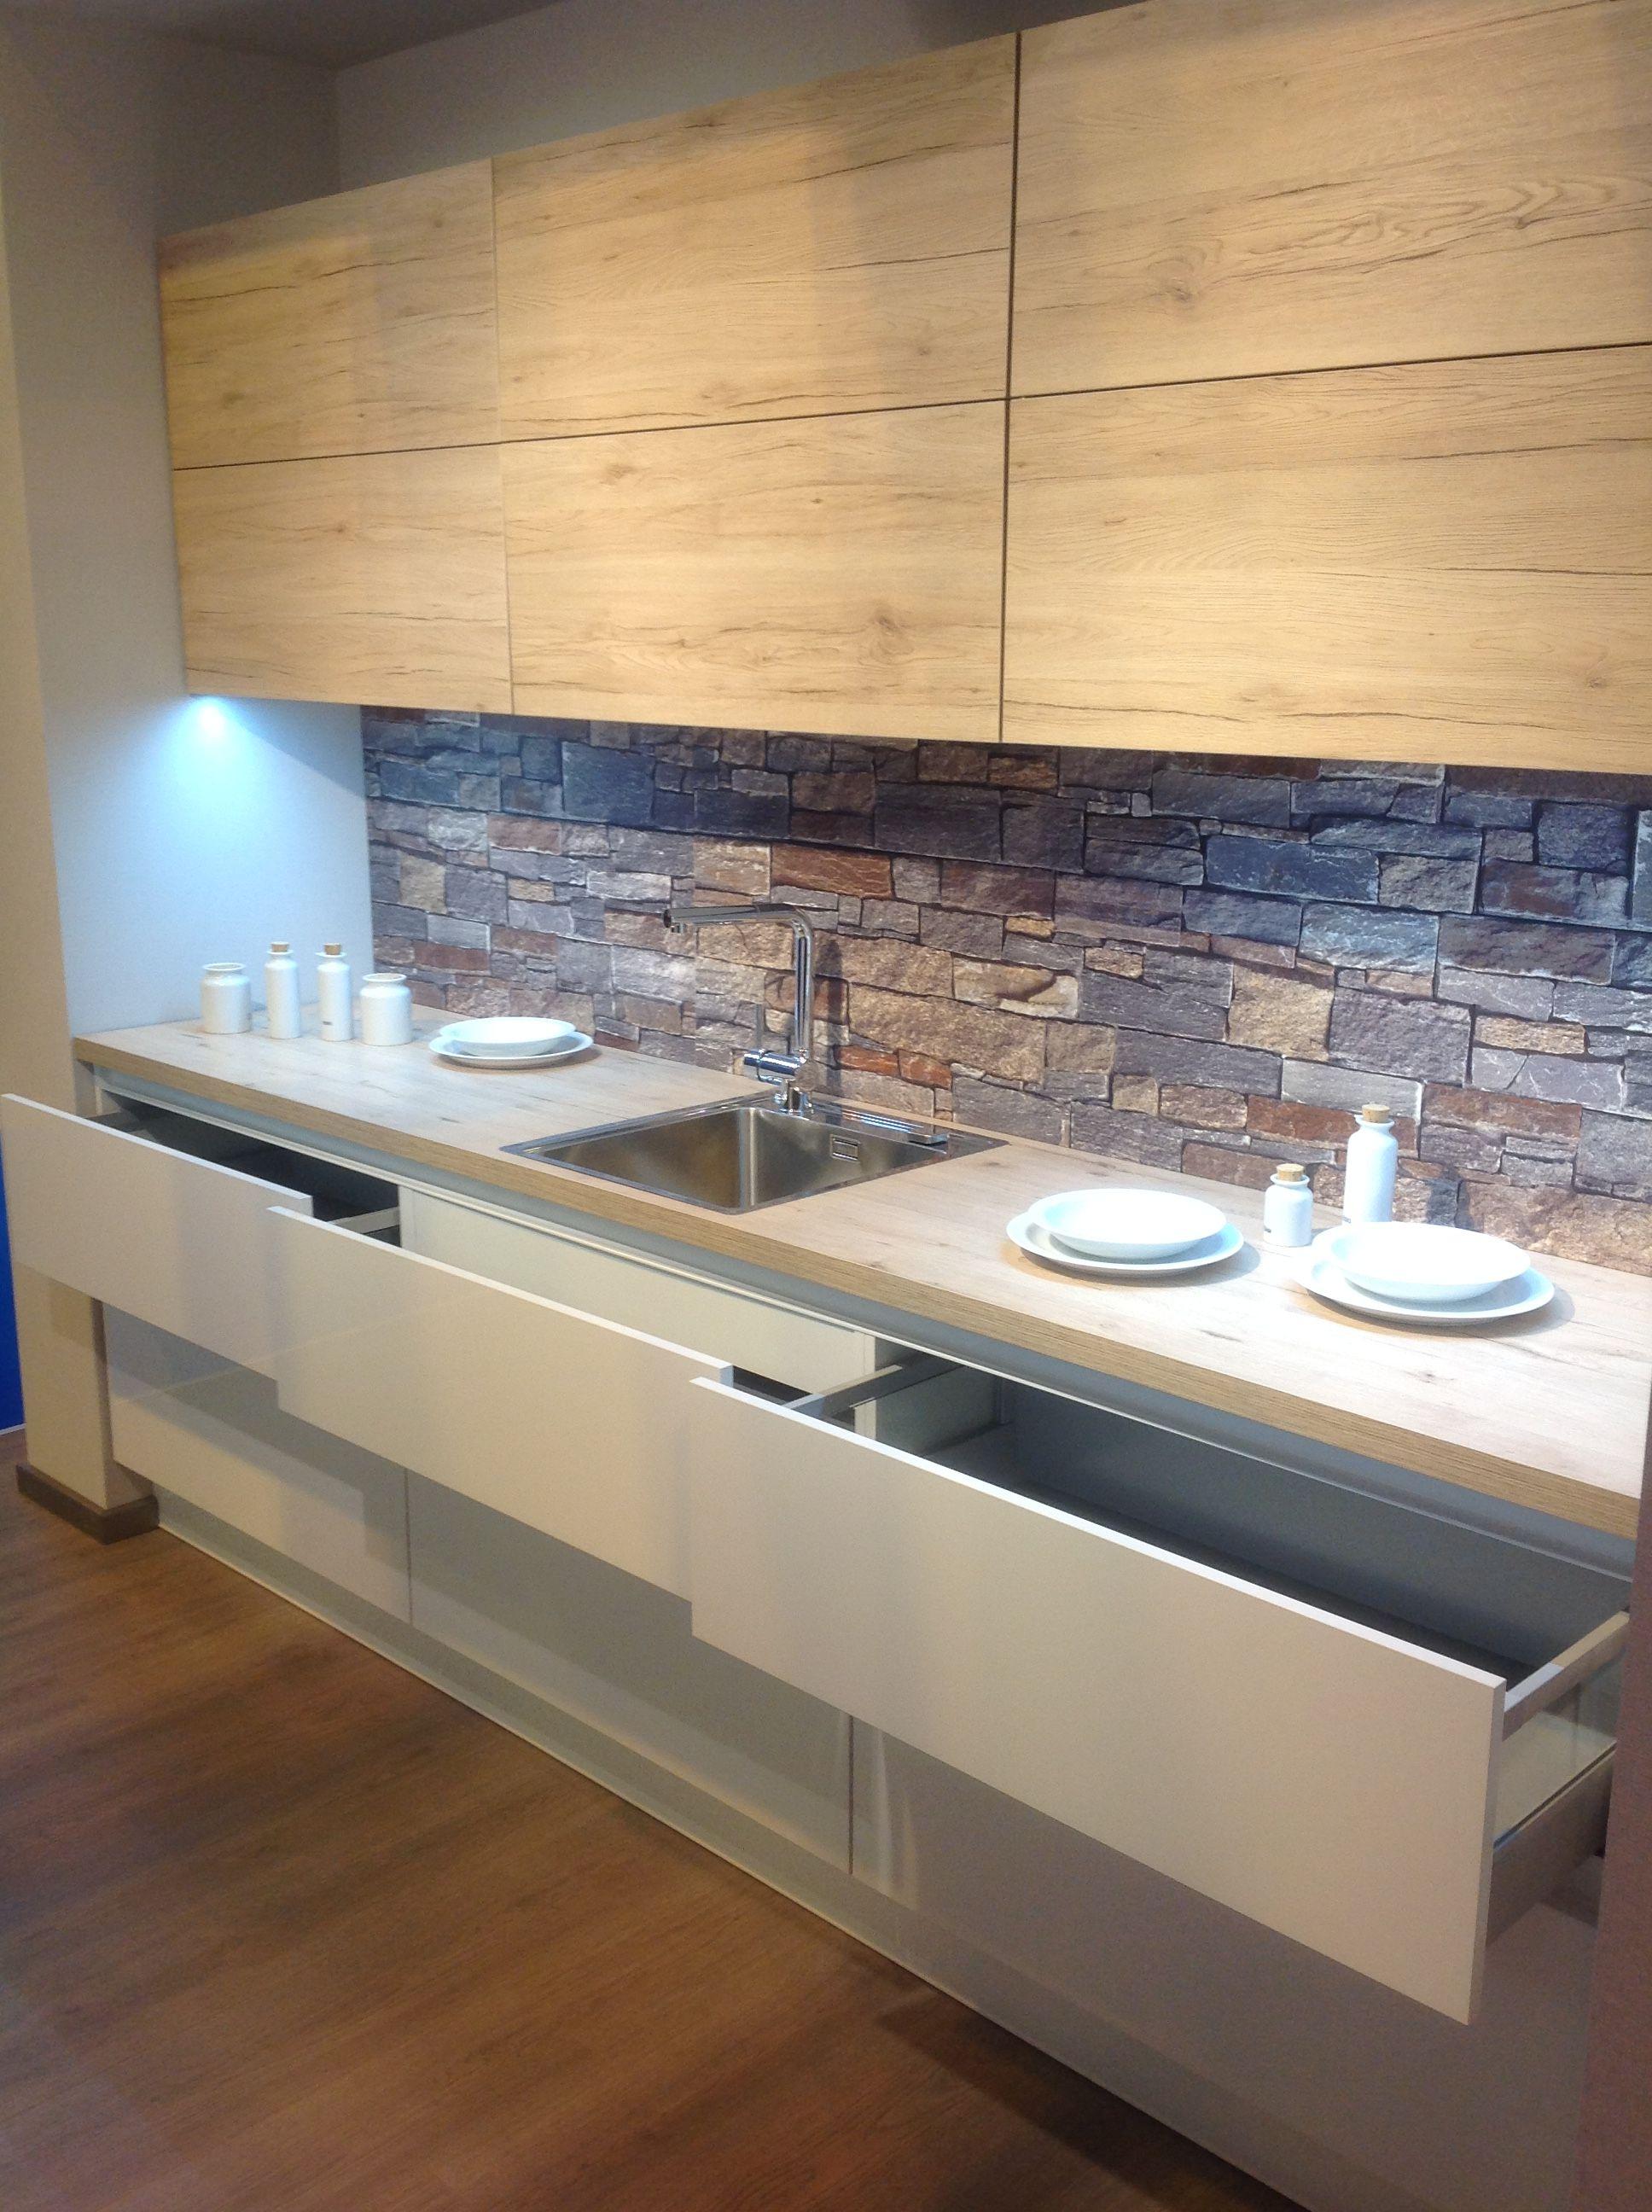 Bauformat Kuchen (avec images)  Cuisine kitchen, Cuisine, Maison